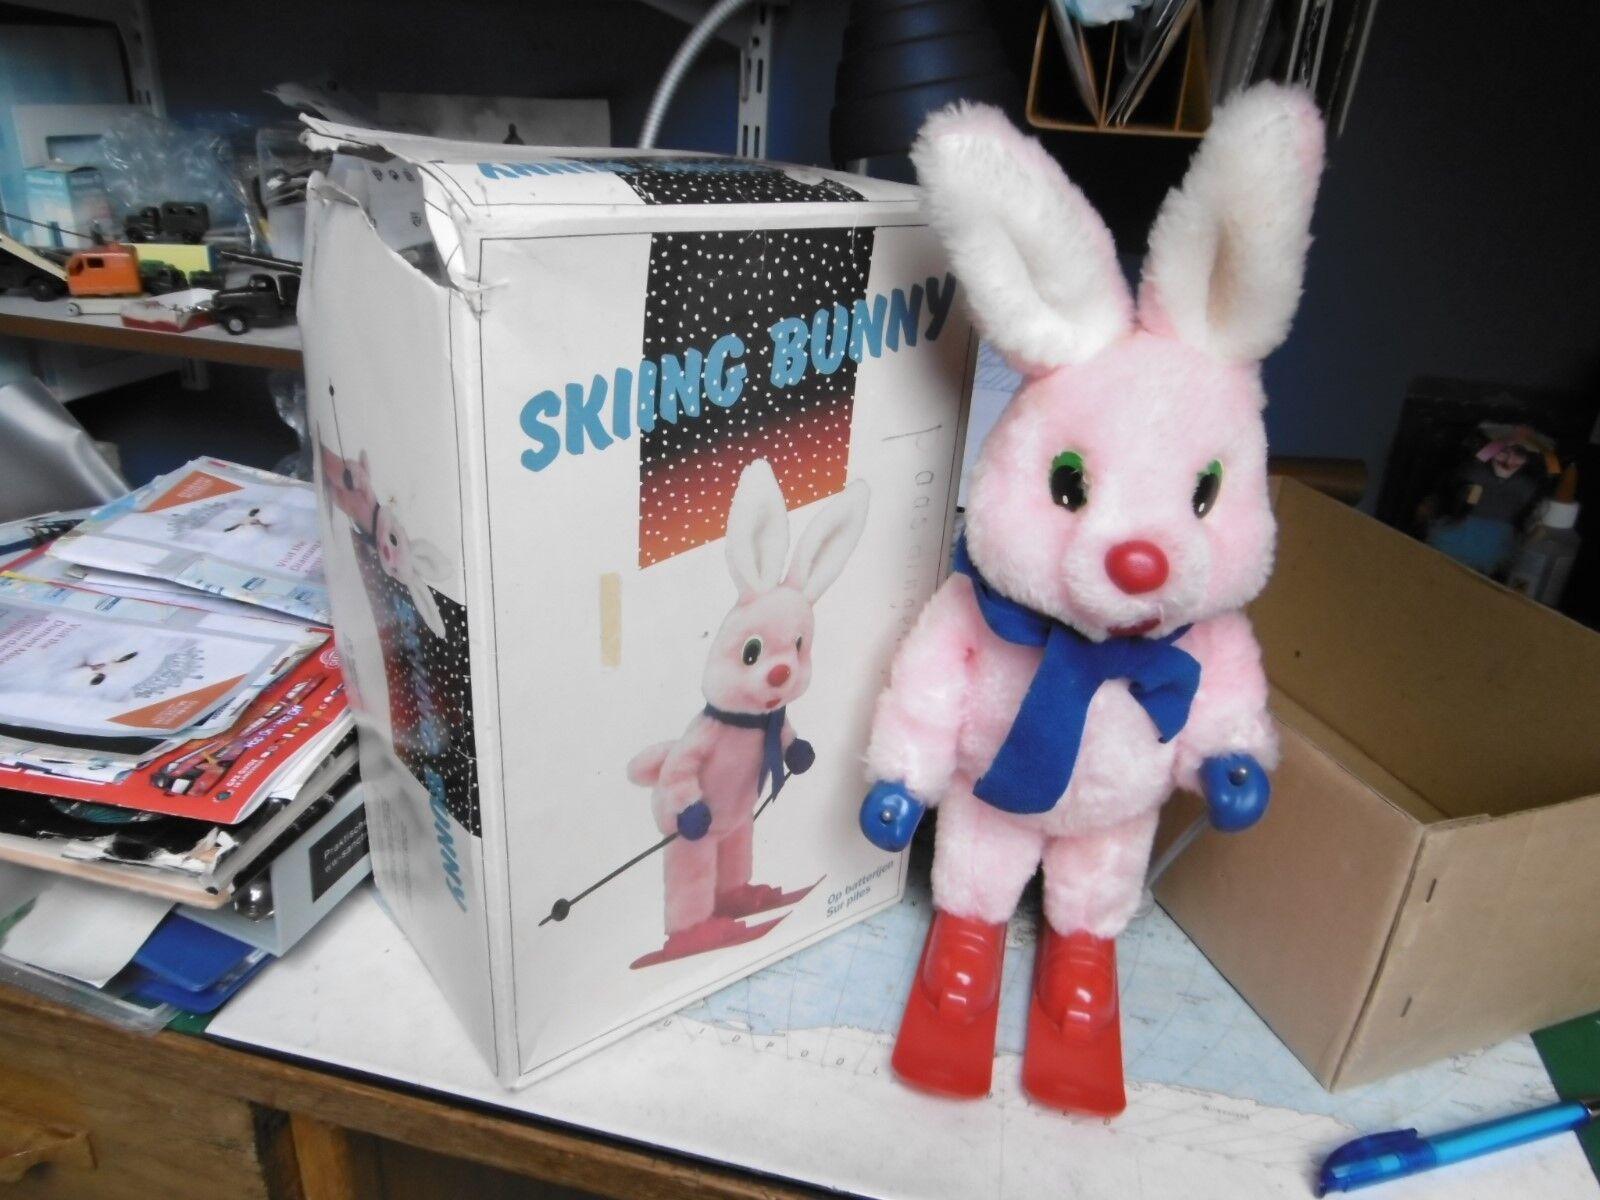 Skiing Bunny op batterijen. Joinina Brand Toys van de jaren 80. Made in Korea -